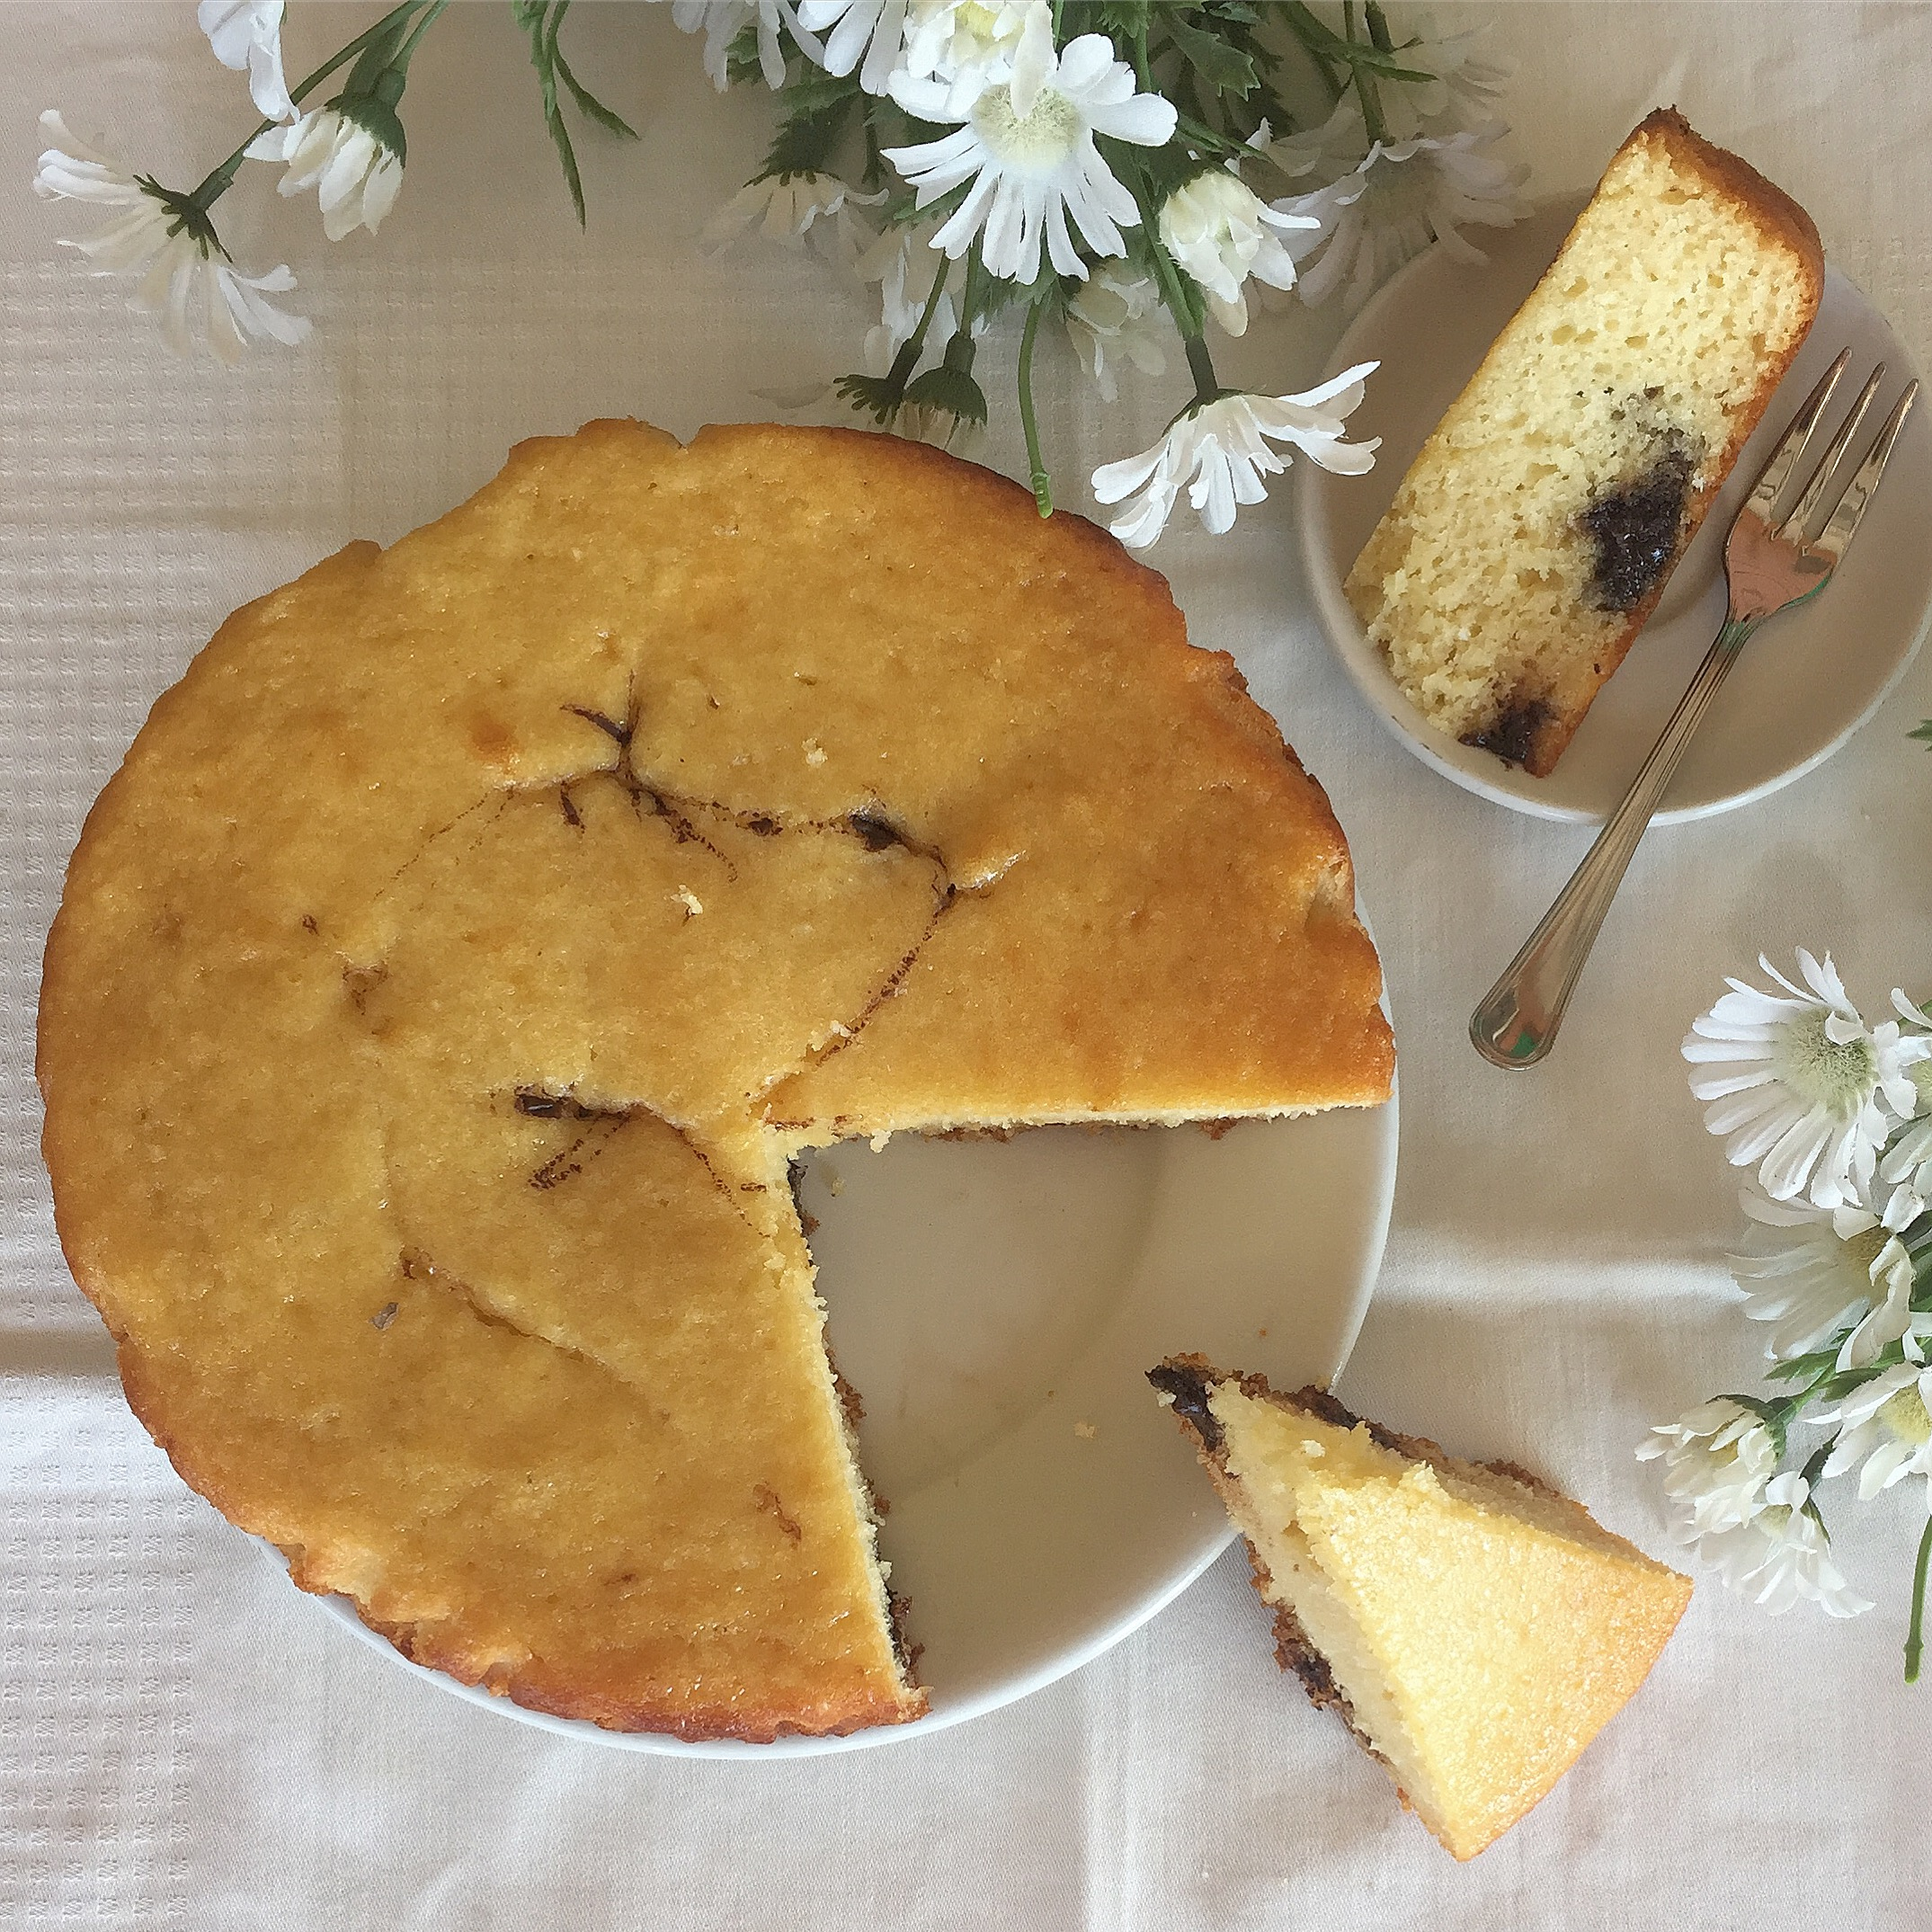 Torta al Cocco e Nutella Senza Burro, un dolce soffice morbido e goloso di dolci senza burro